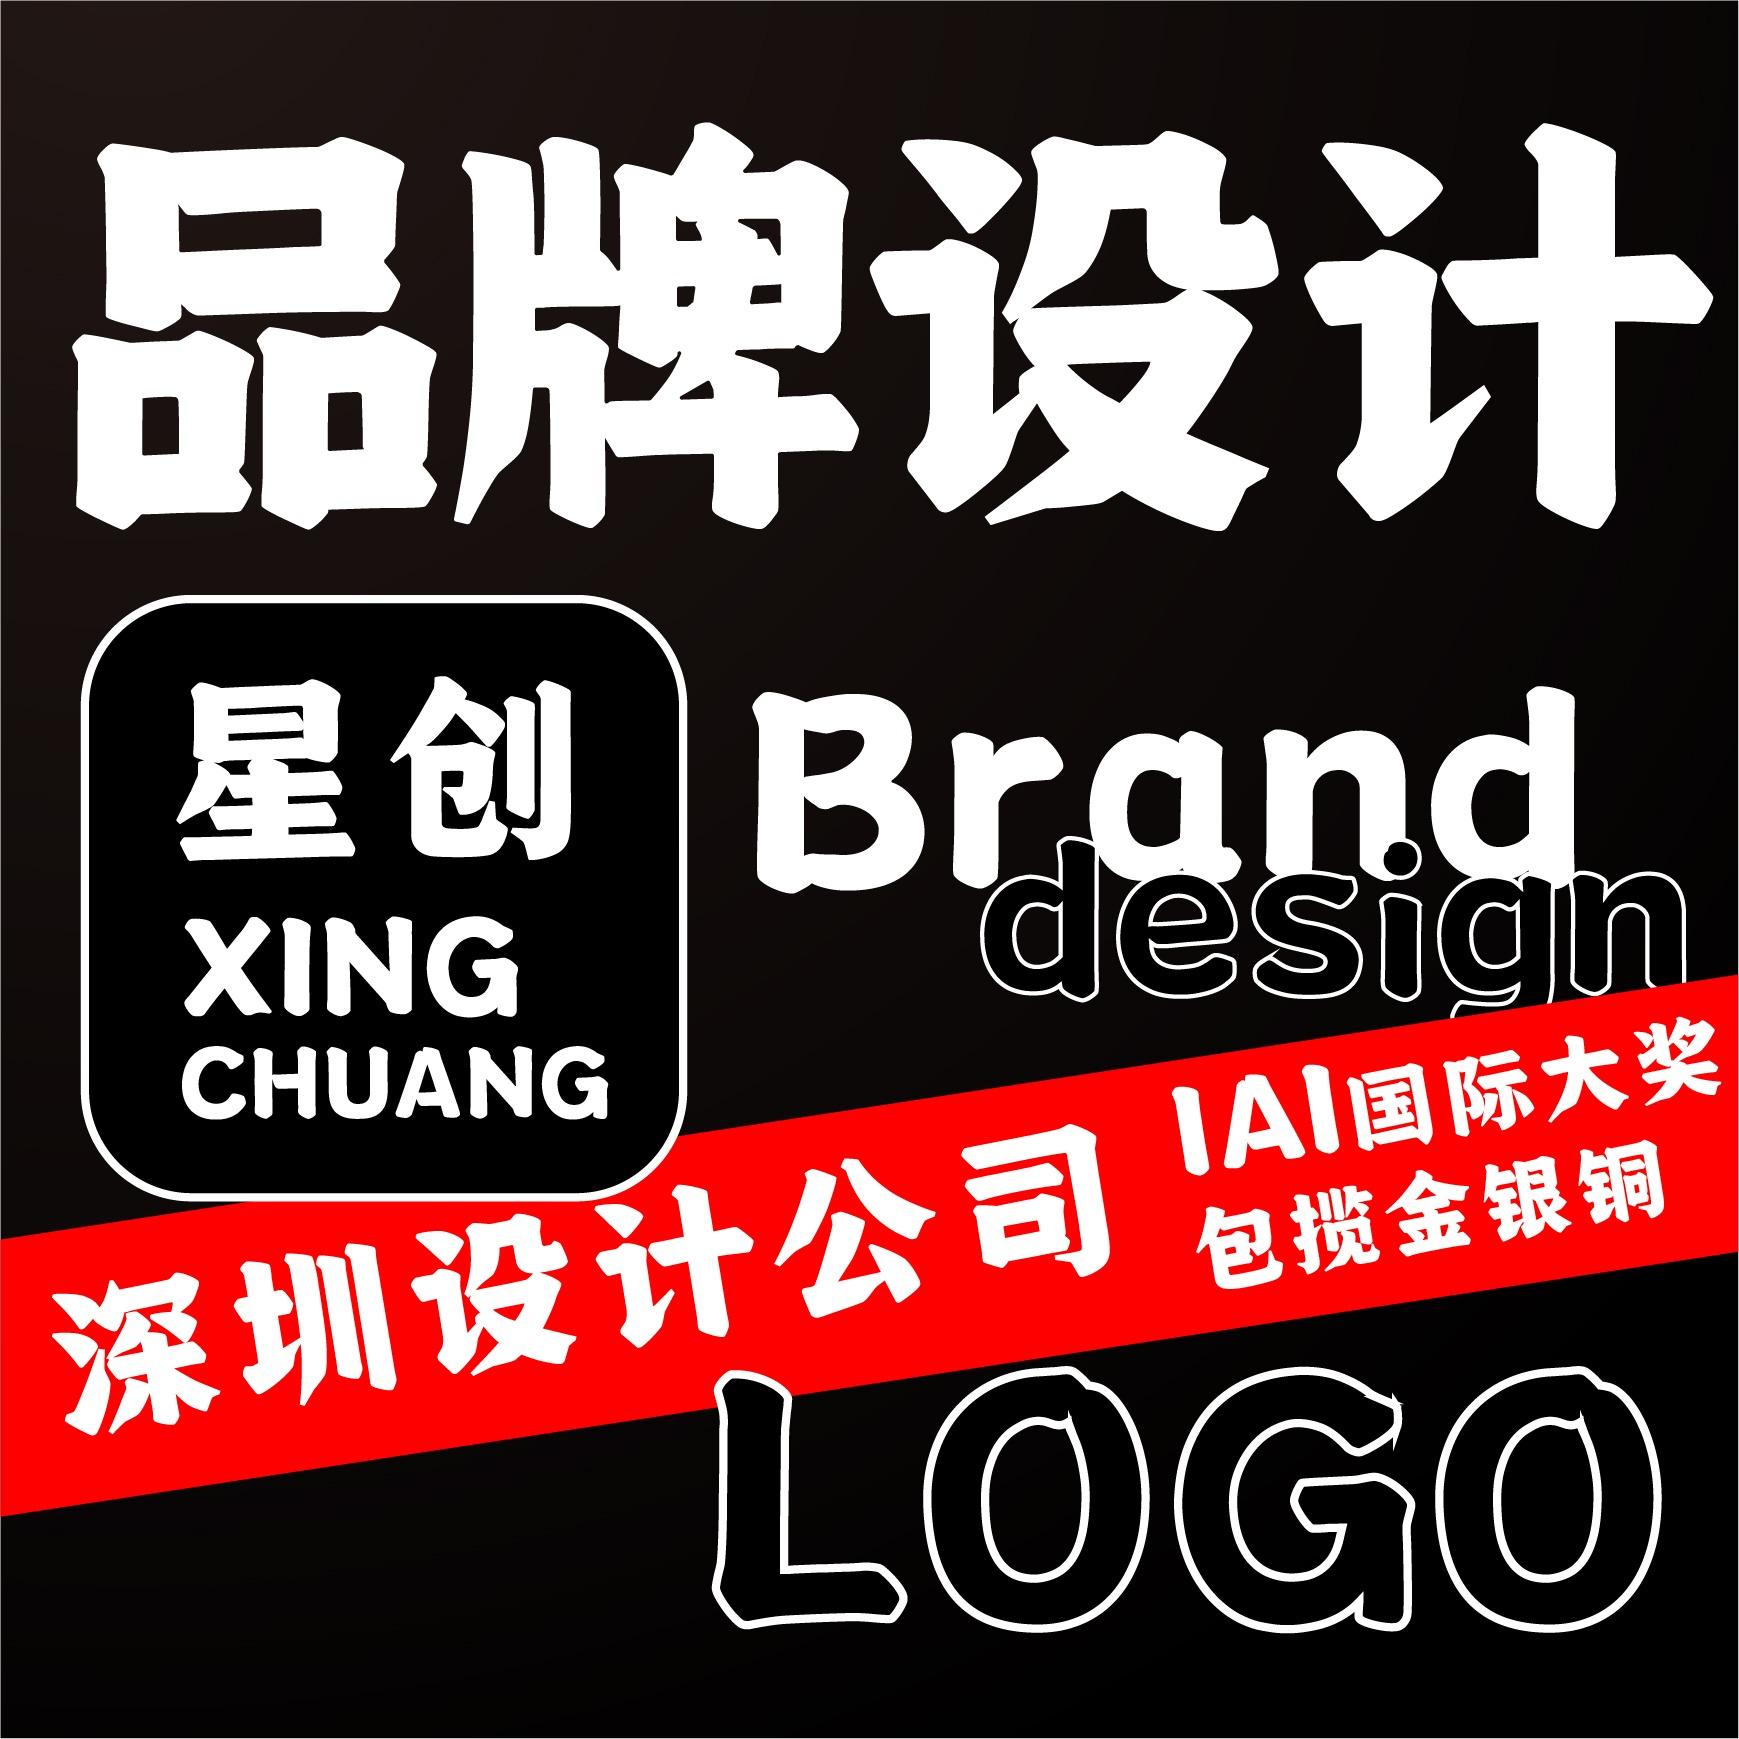 餐饮LOGO设计科技商标教育文化食品标识设计金融公司LOGO